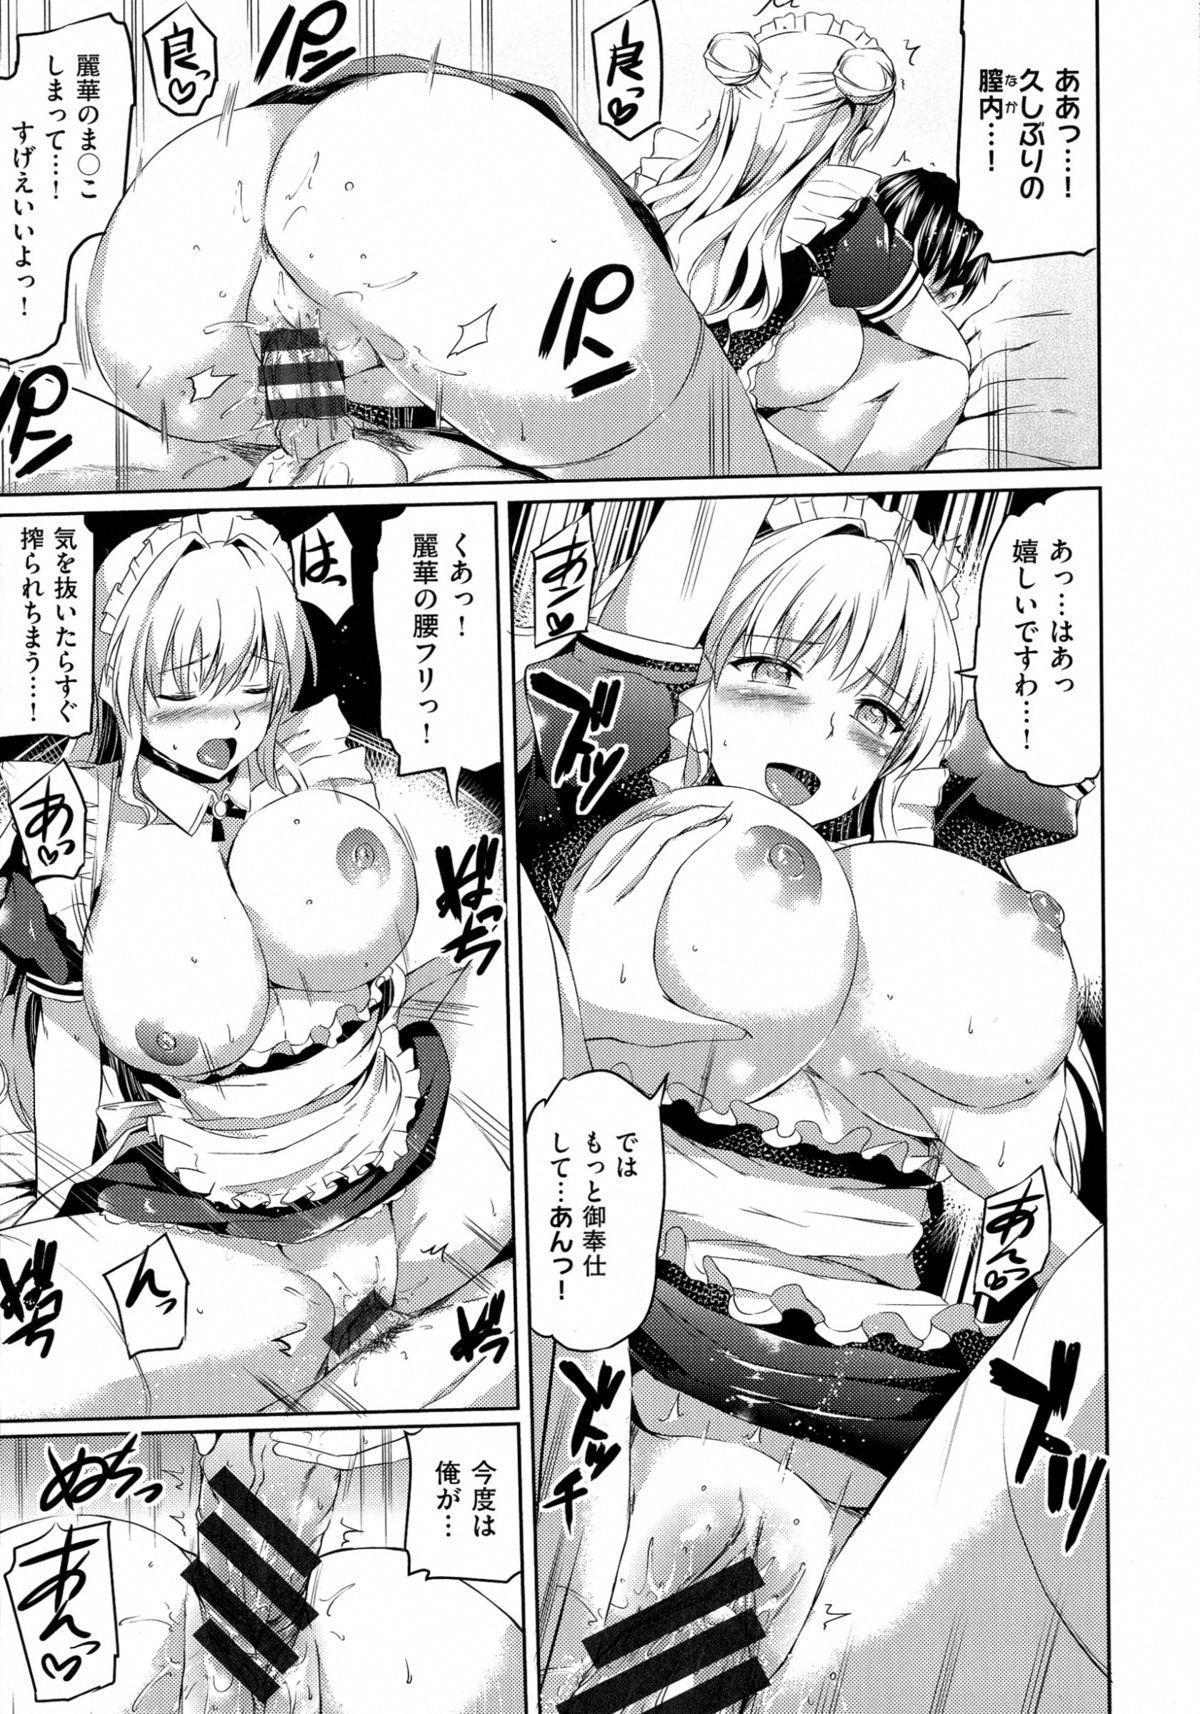 Ojou-sama no Maid Jijou 209